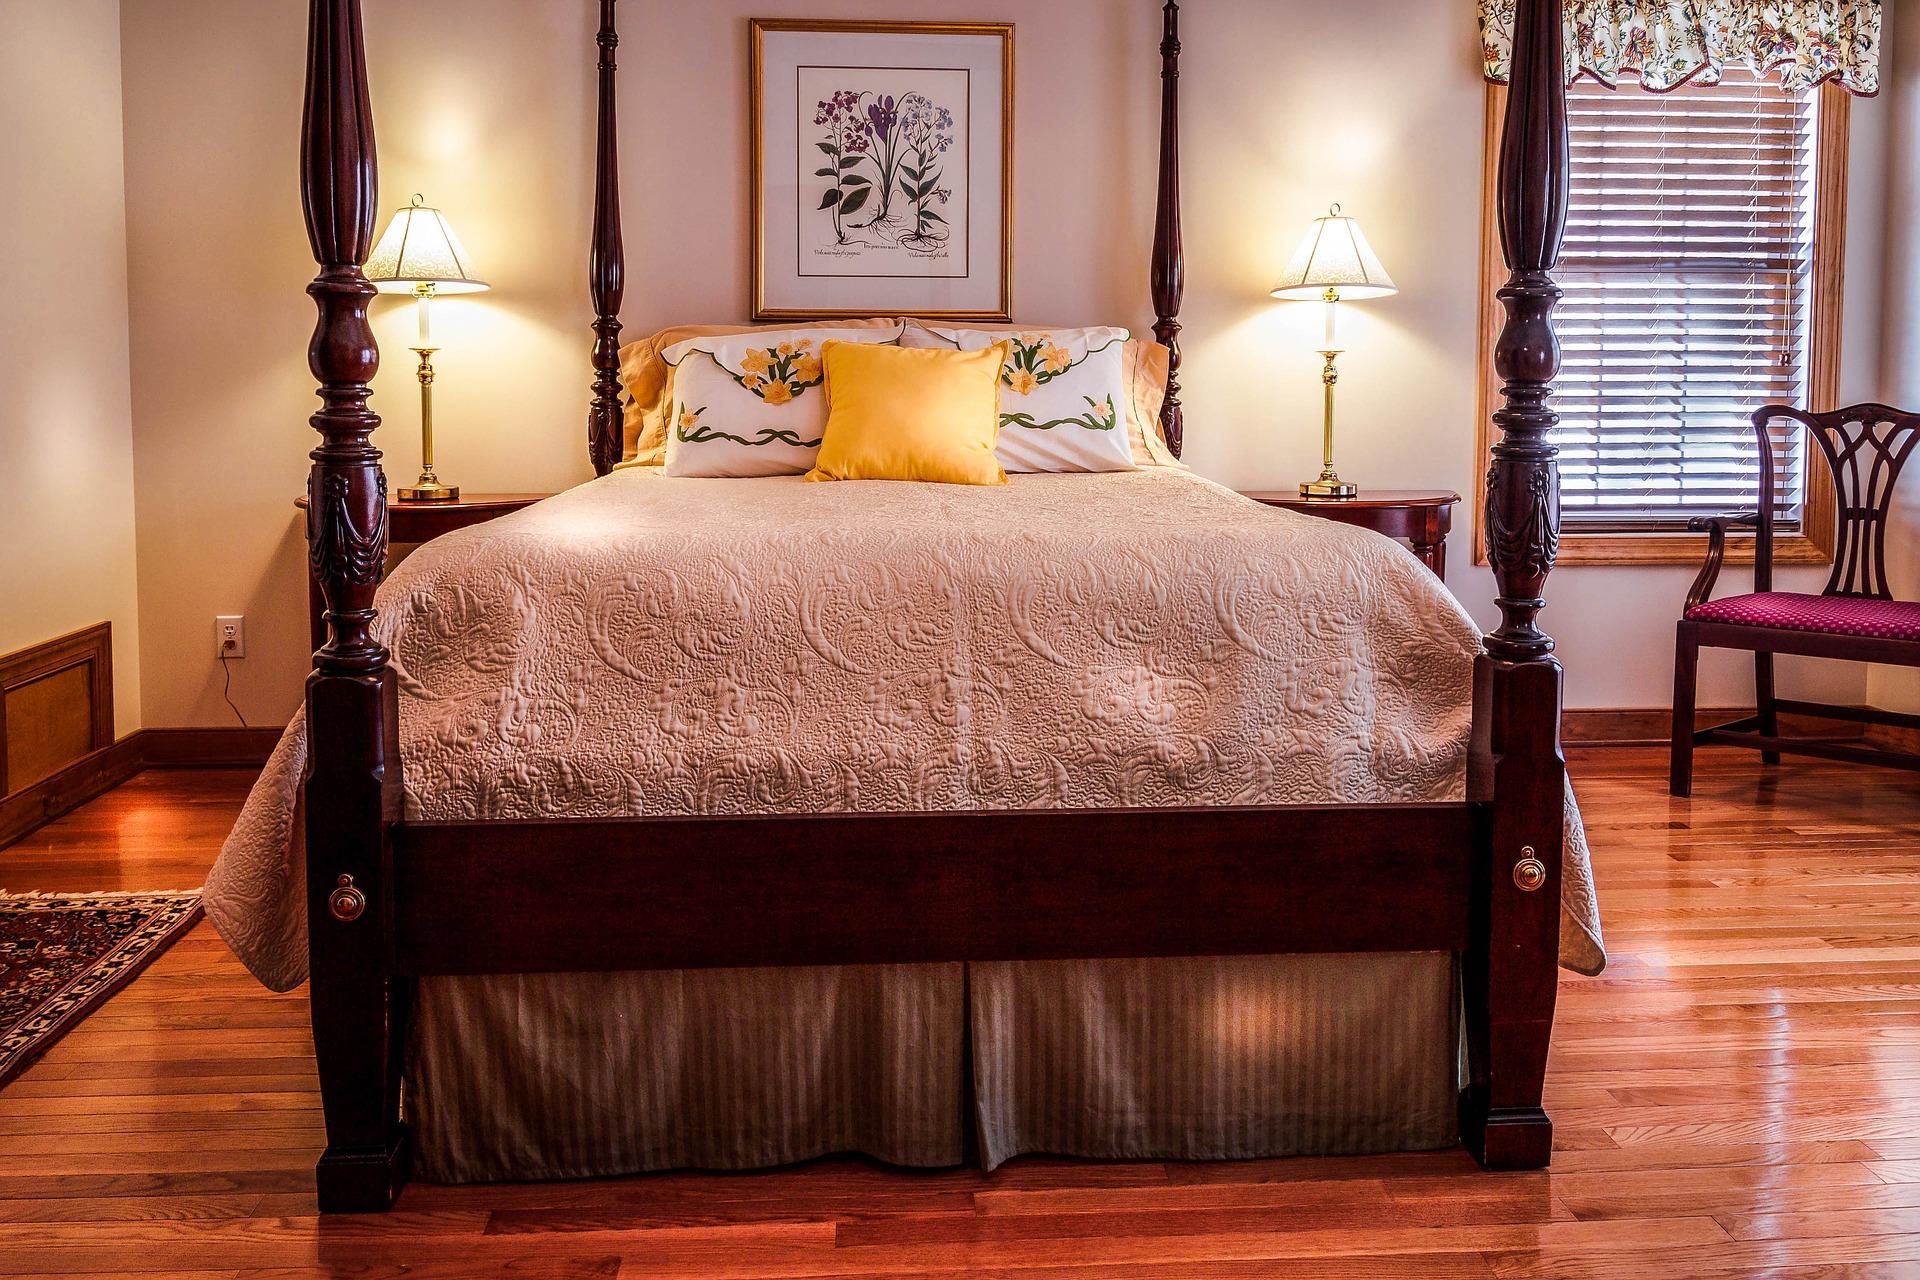 صورة فنون في غرفة النوم , اجمل فون غرف النوم 5741 3